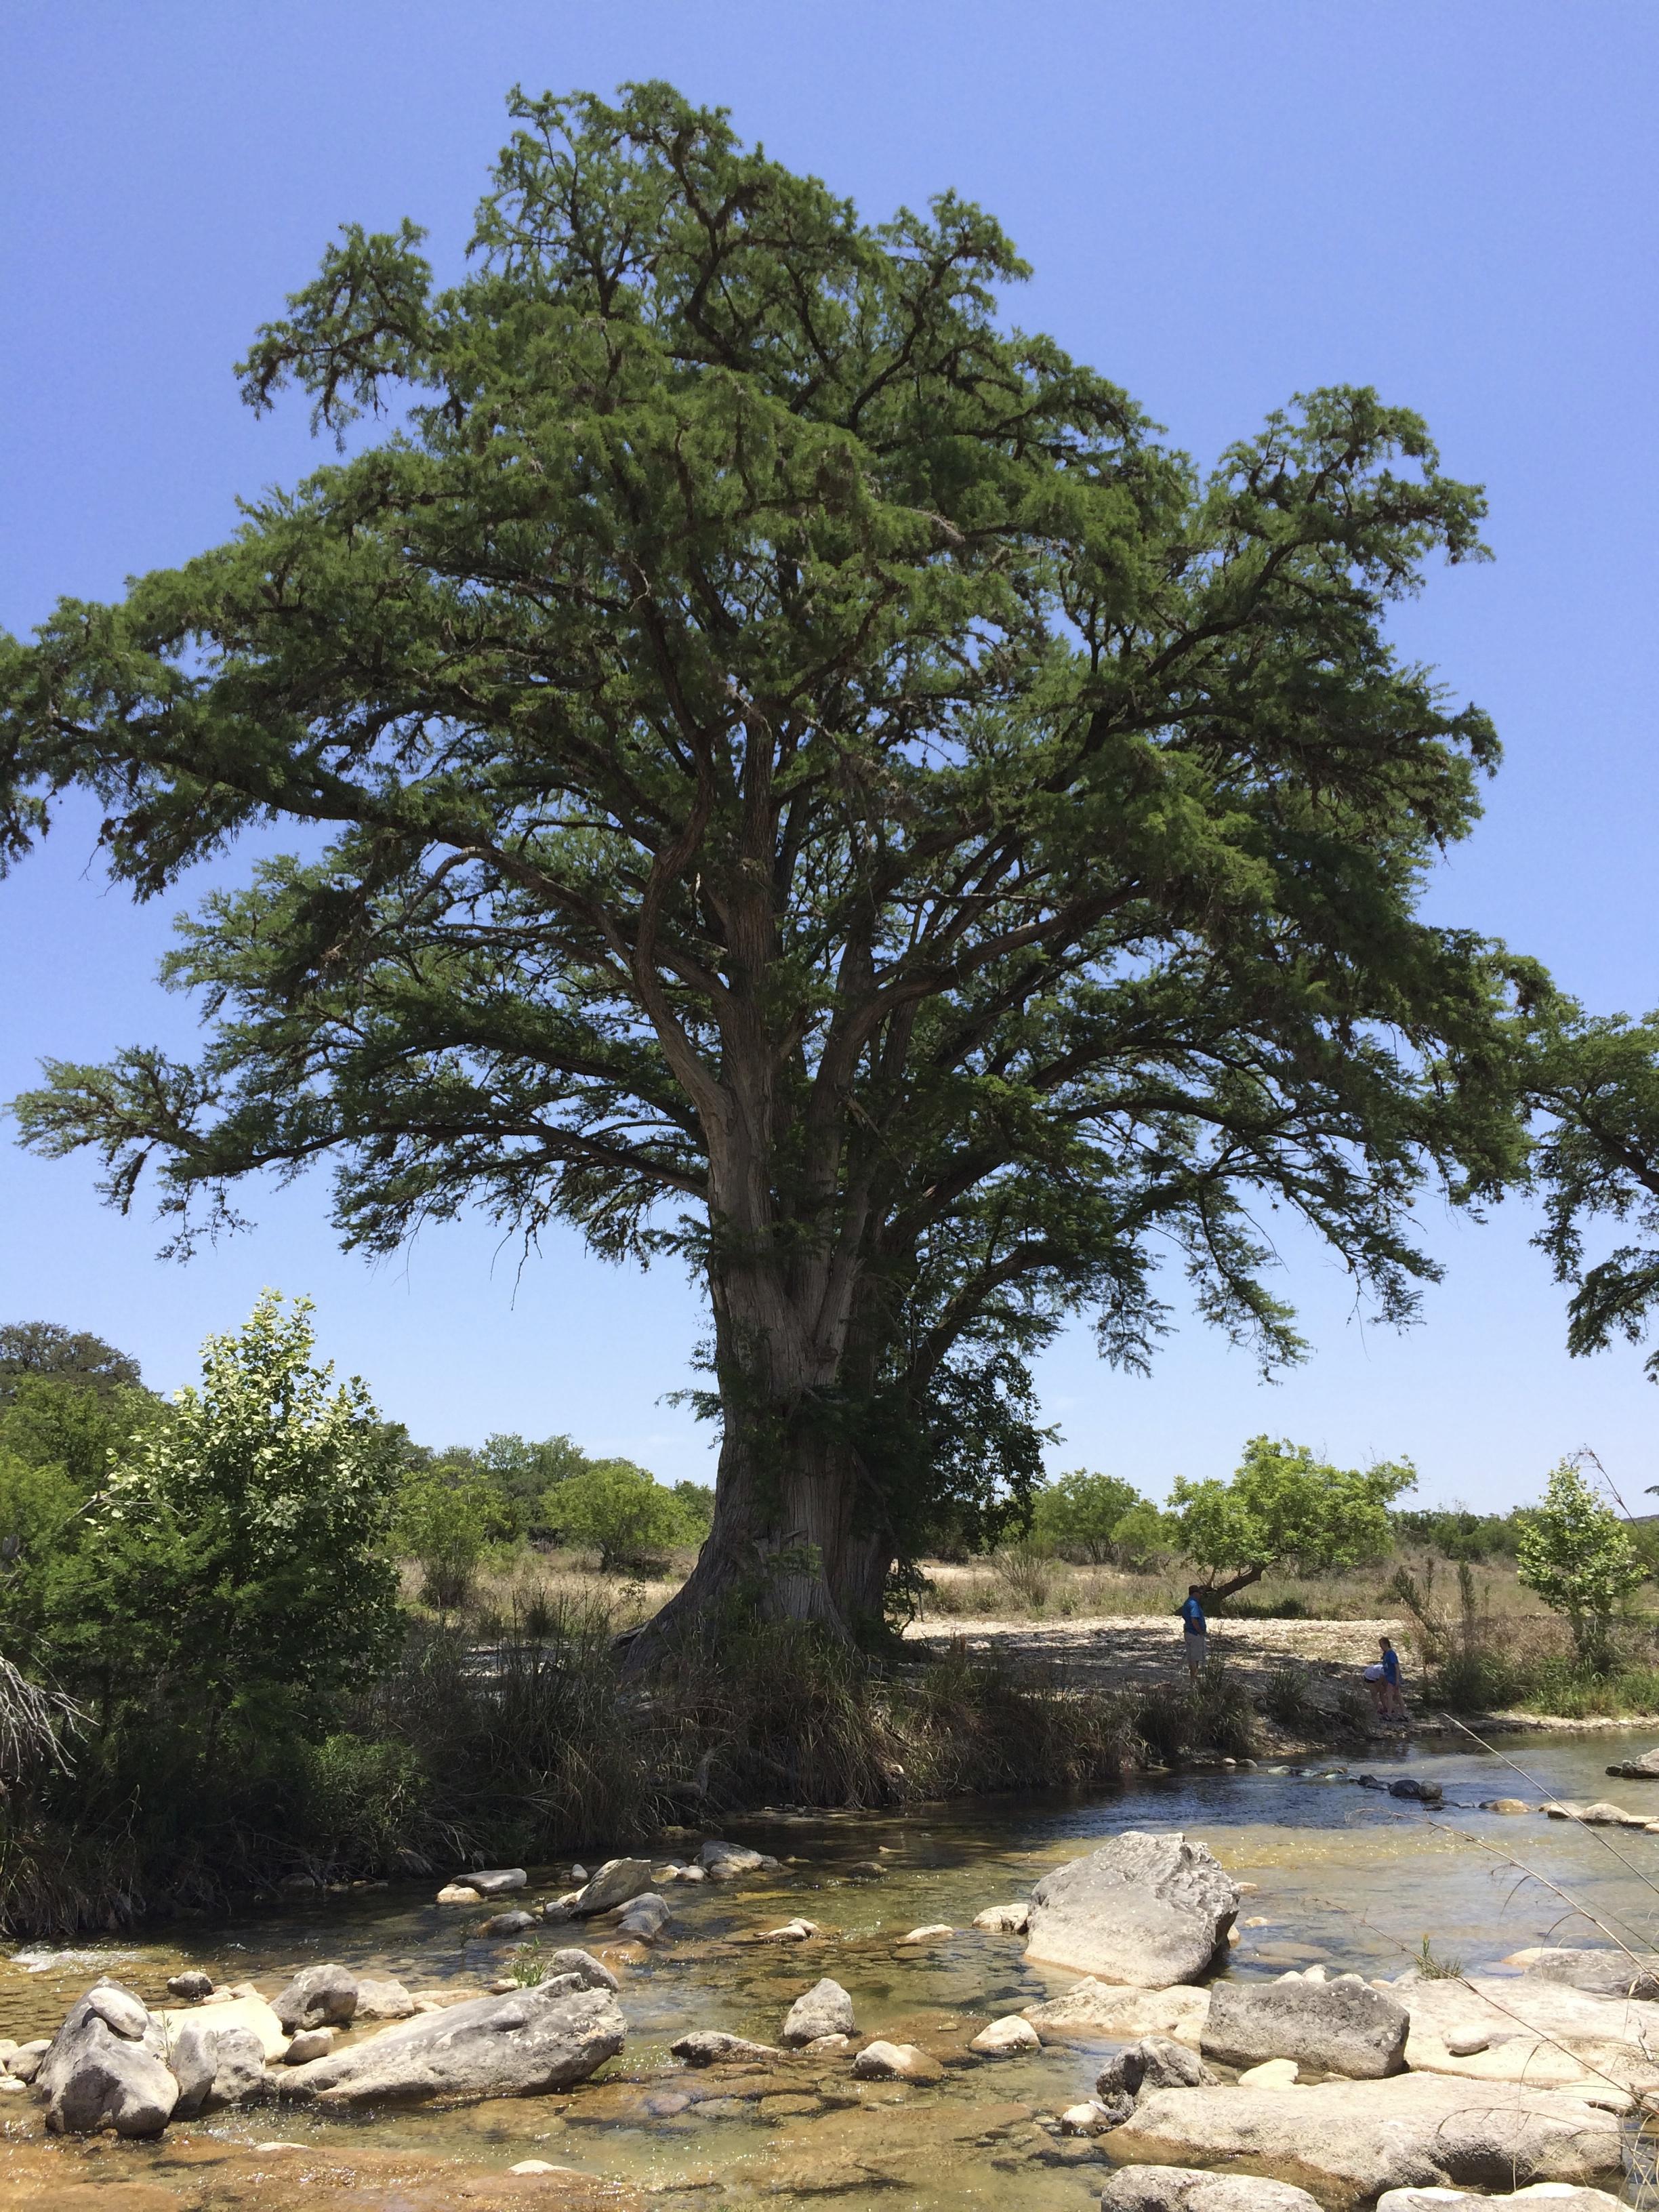 Acacia Tree, Rio Frio River, TX